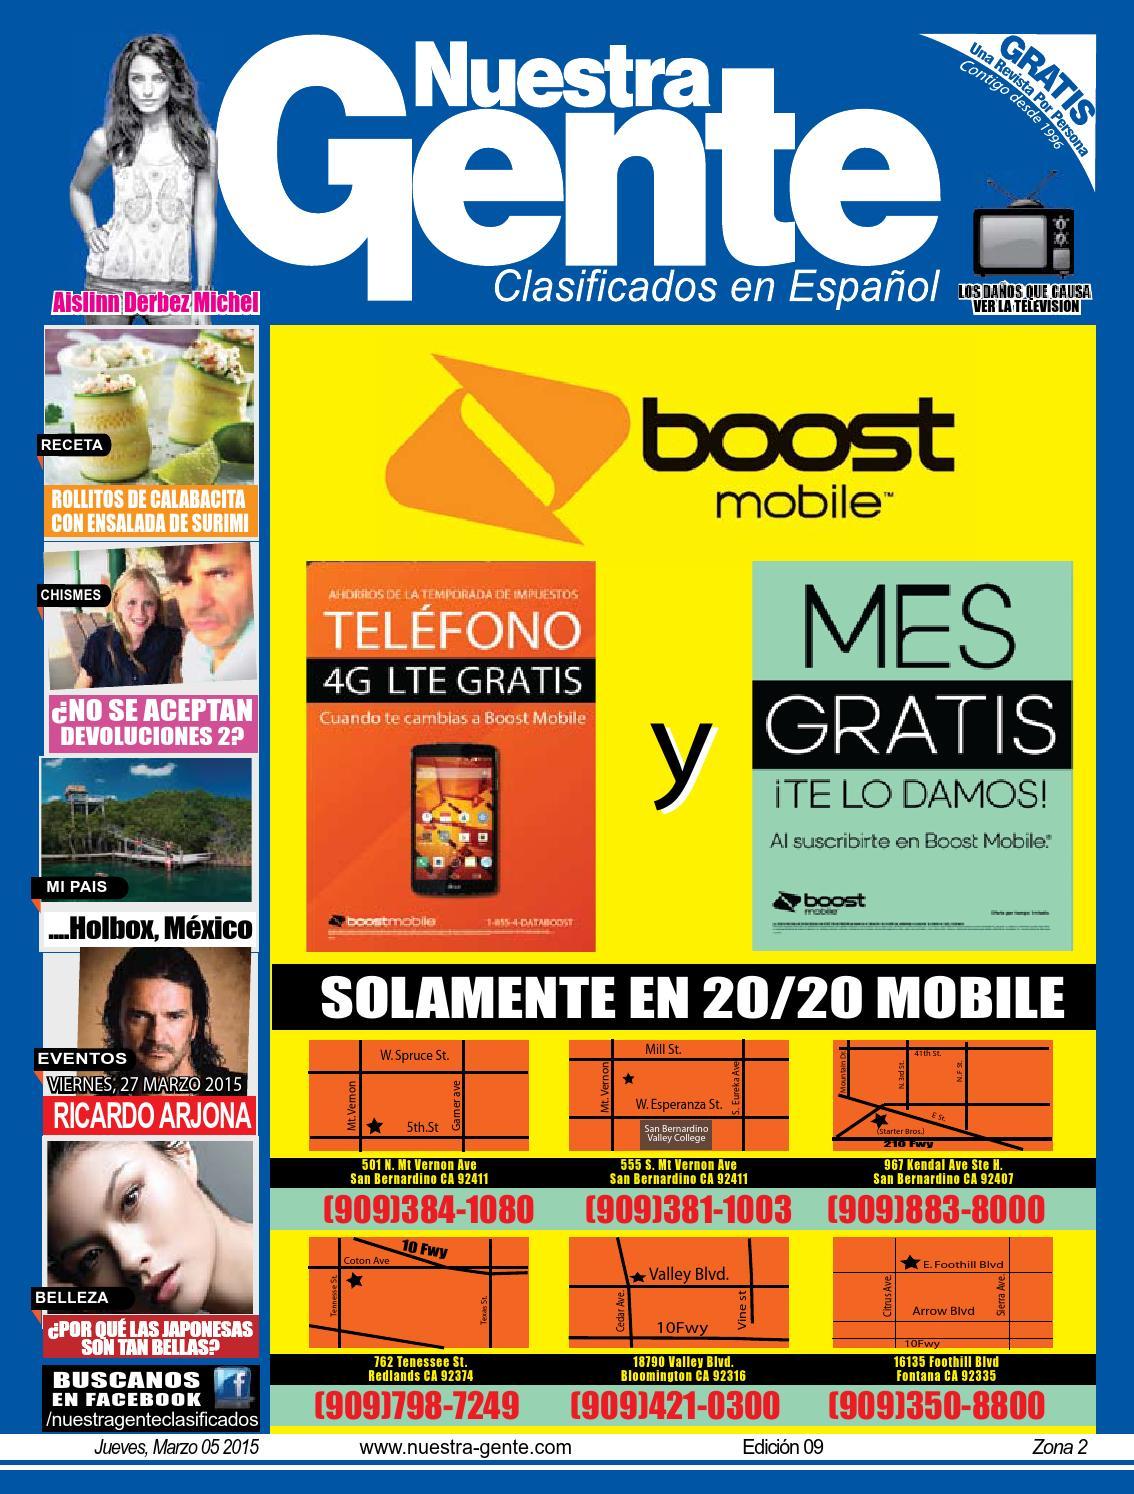 Nuestra Gente 2015 Edicion 9 Zona 2 by Nuestra Gente - issuu